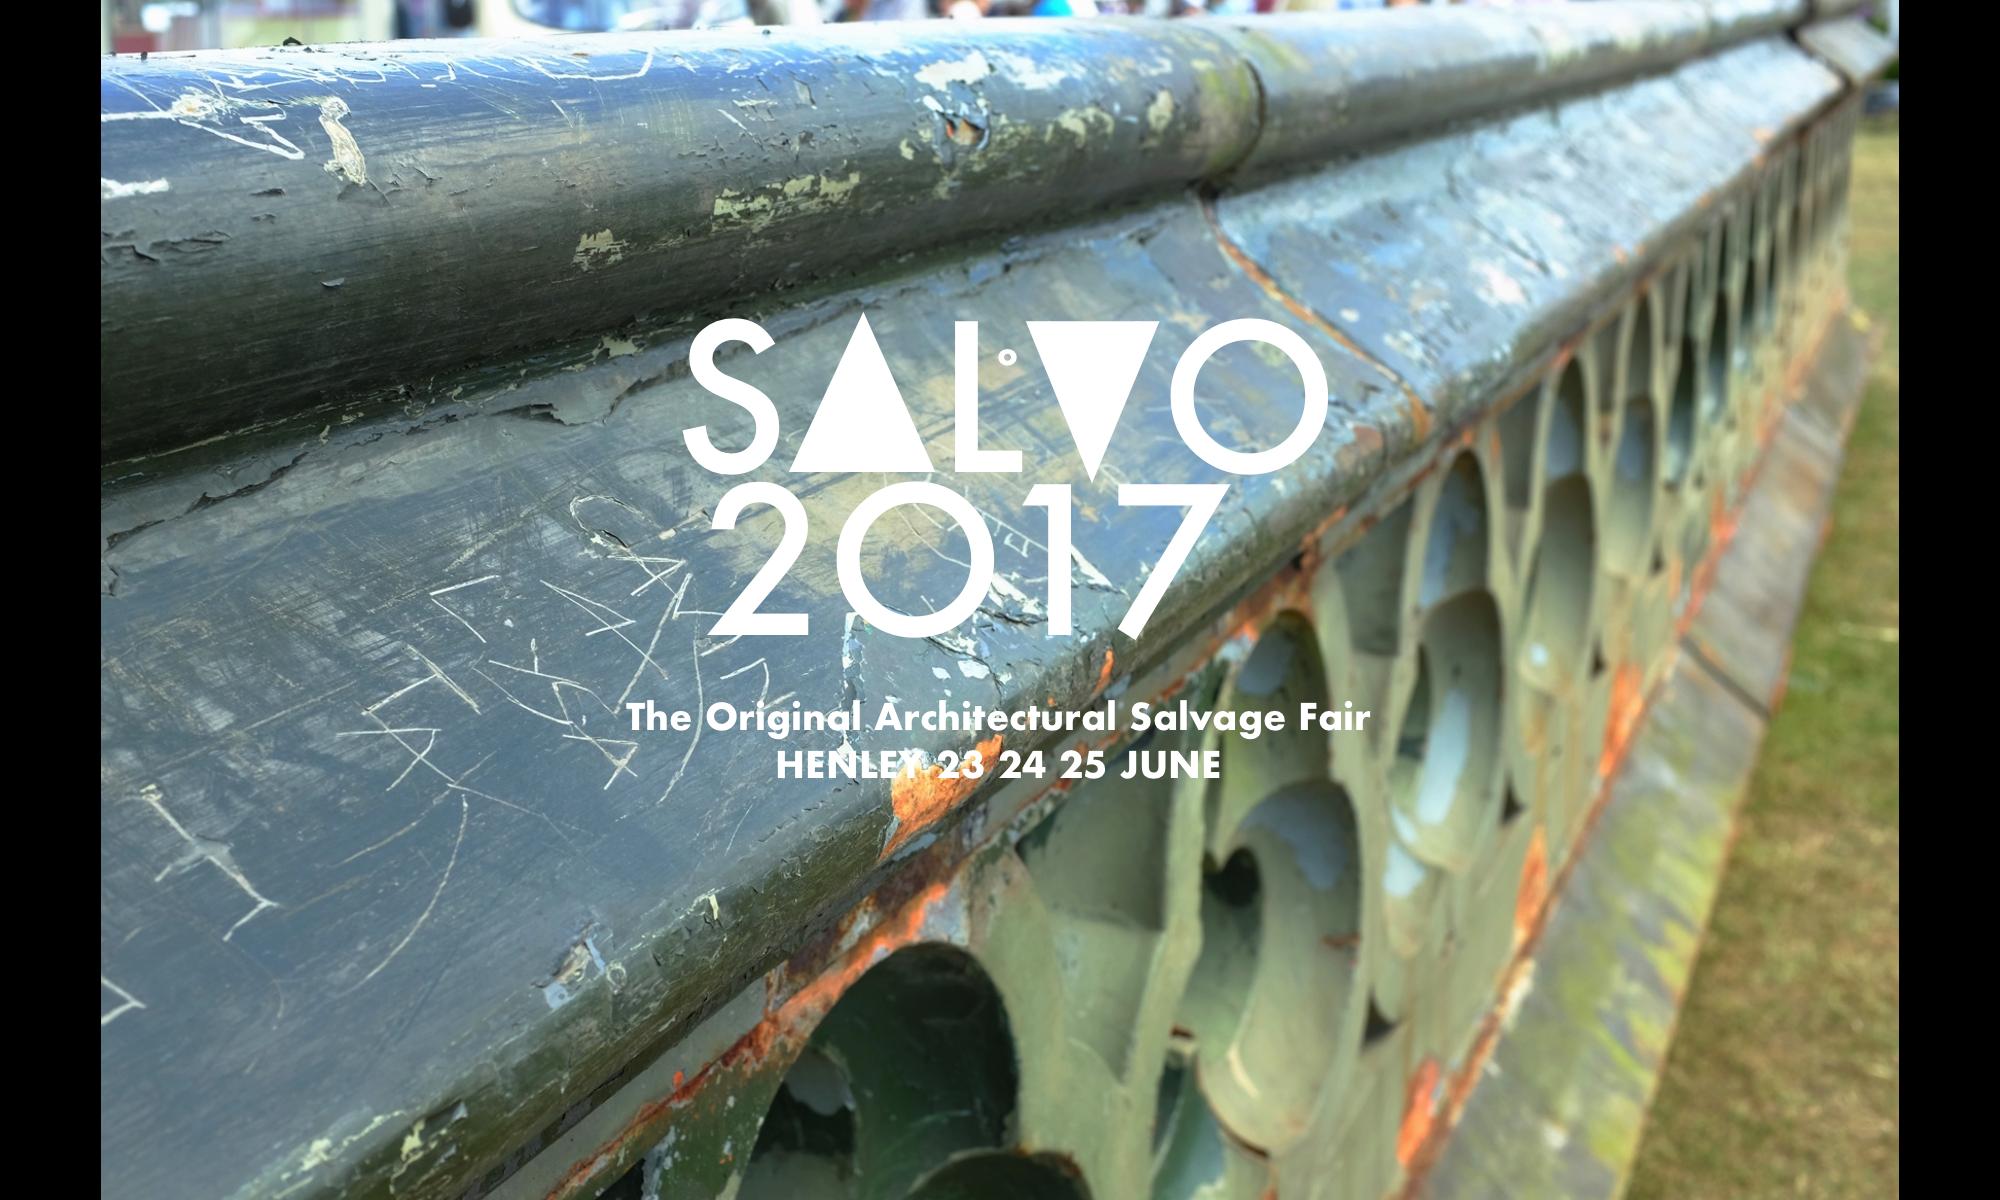 Salvo Fair 2017: Architectural Salvage Fair